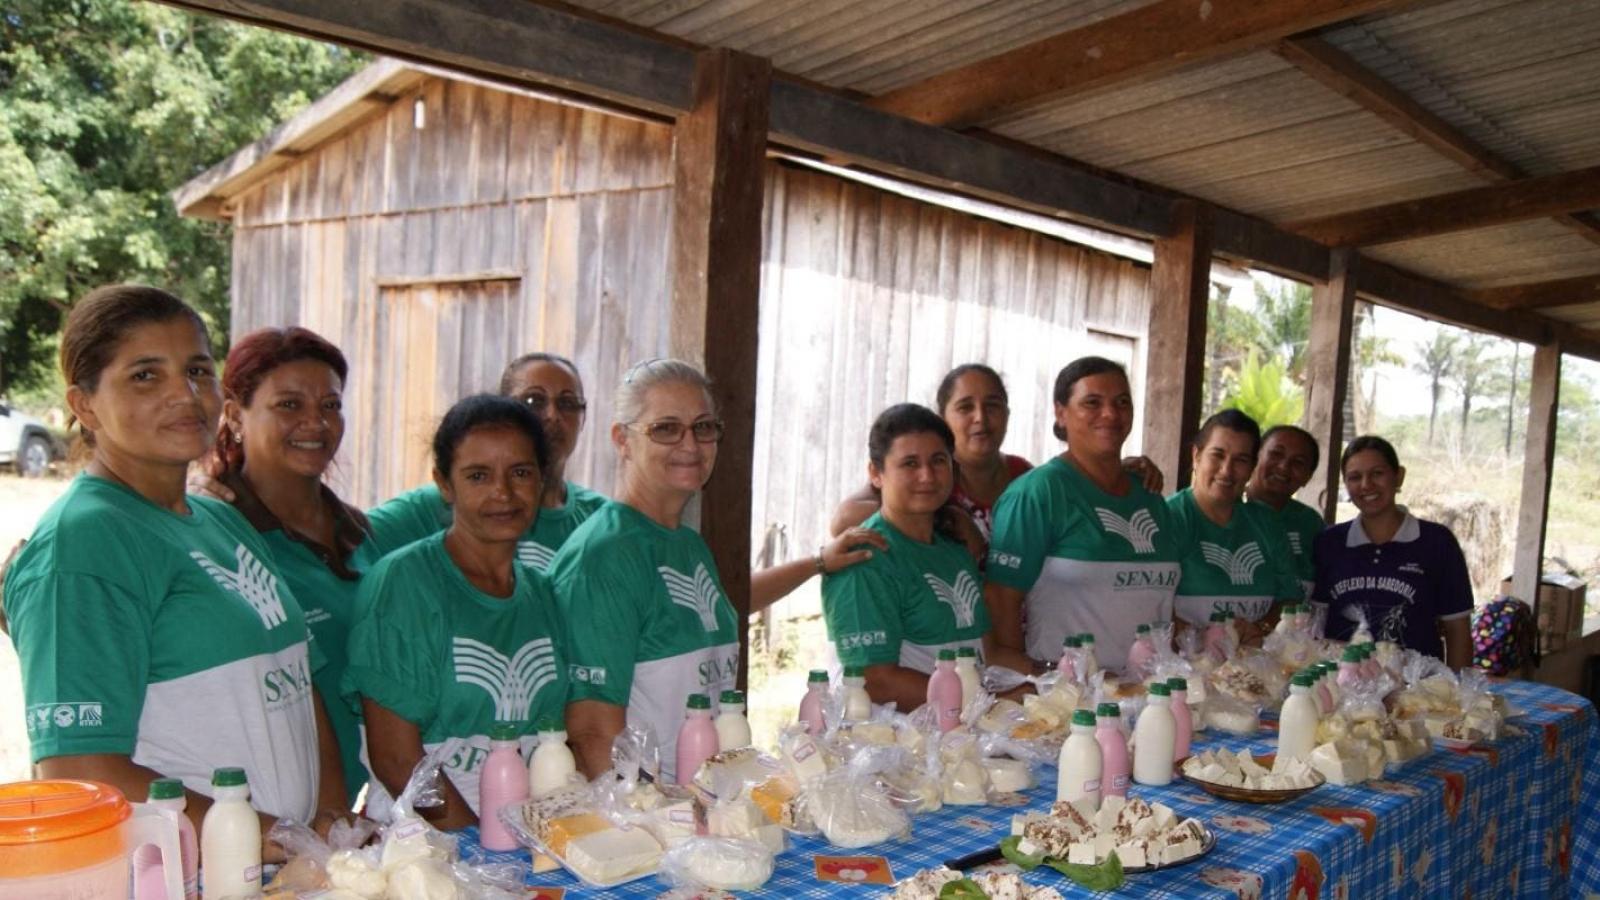 Moradores do assentamento São Pedro recebem curso para produção de queijos